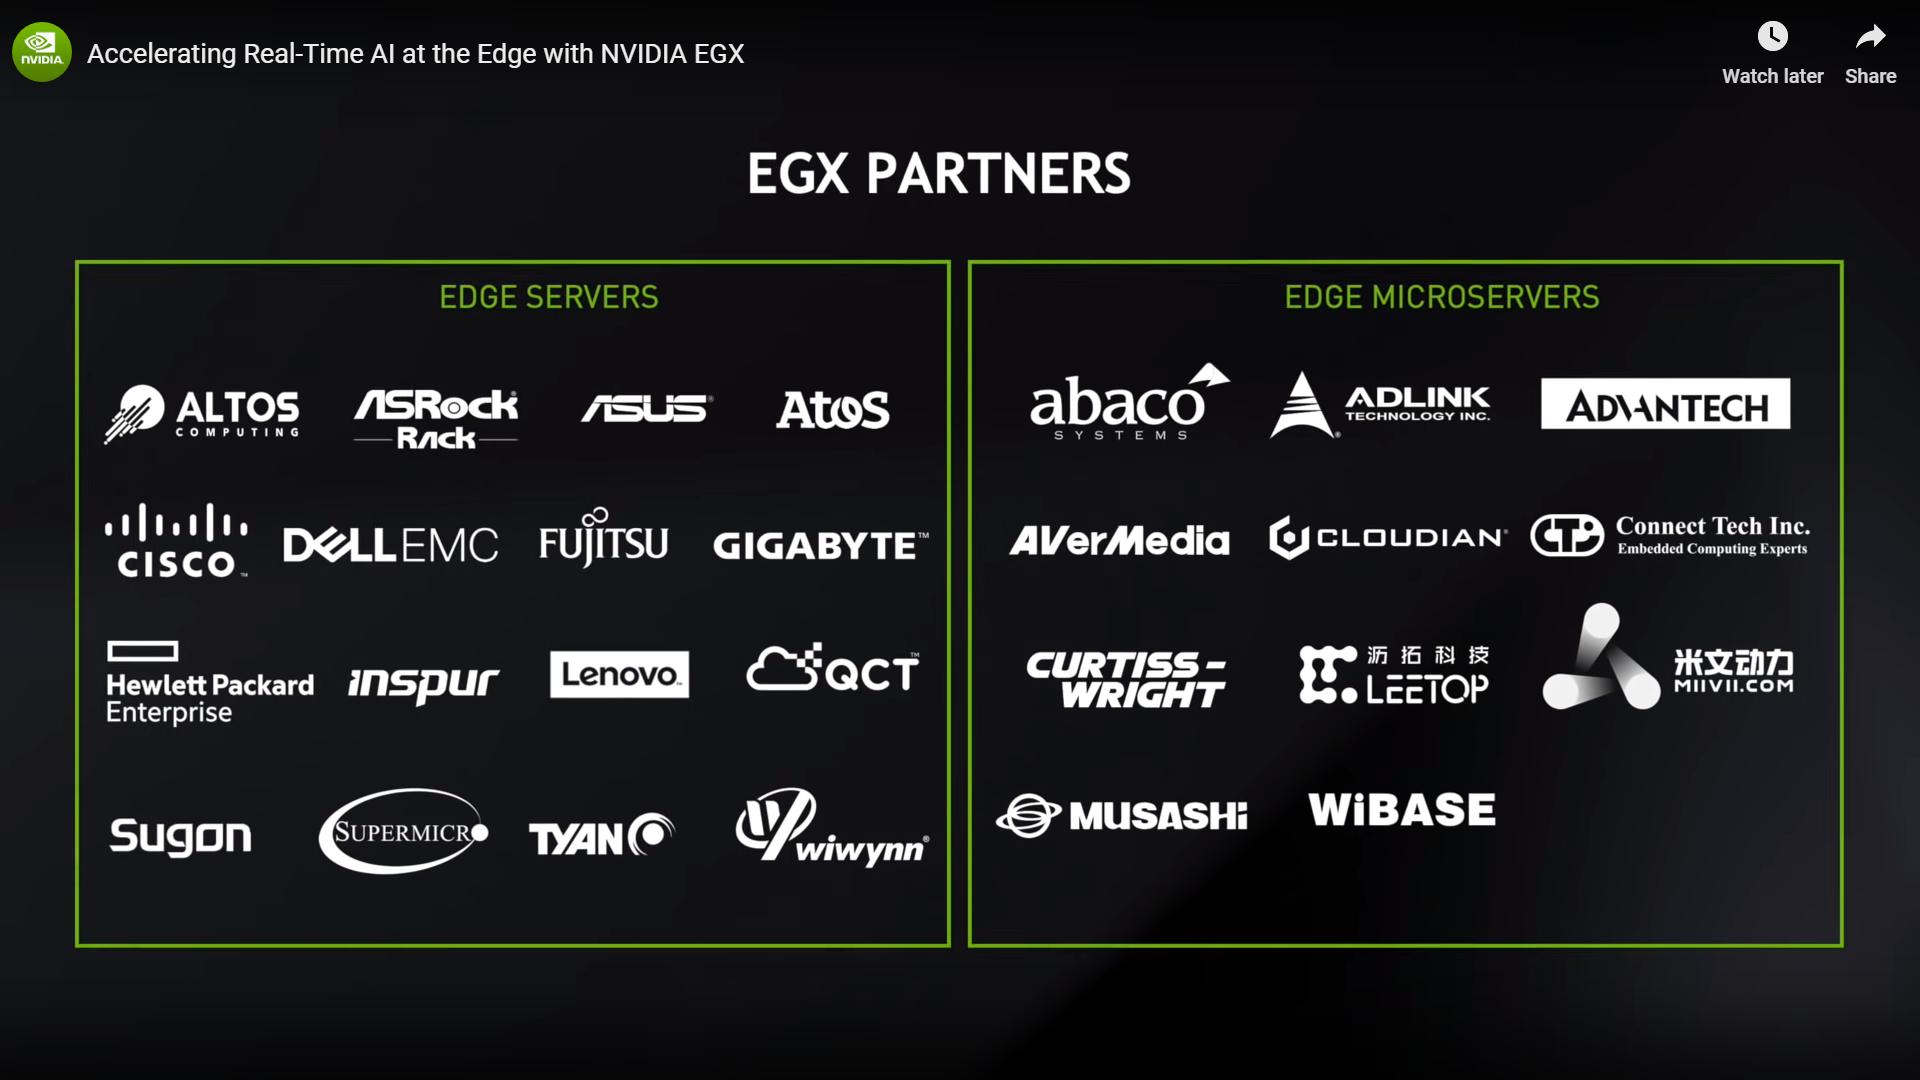 NVIDIA EGX Server Partners